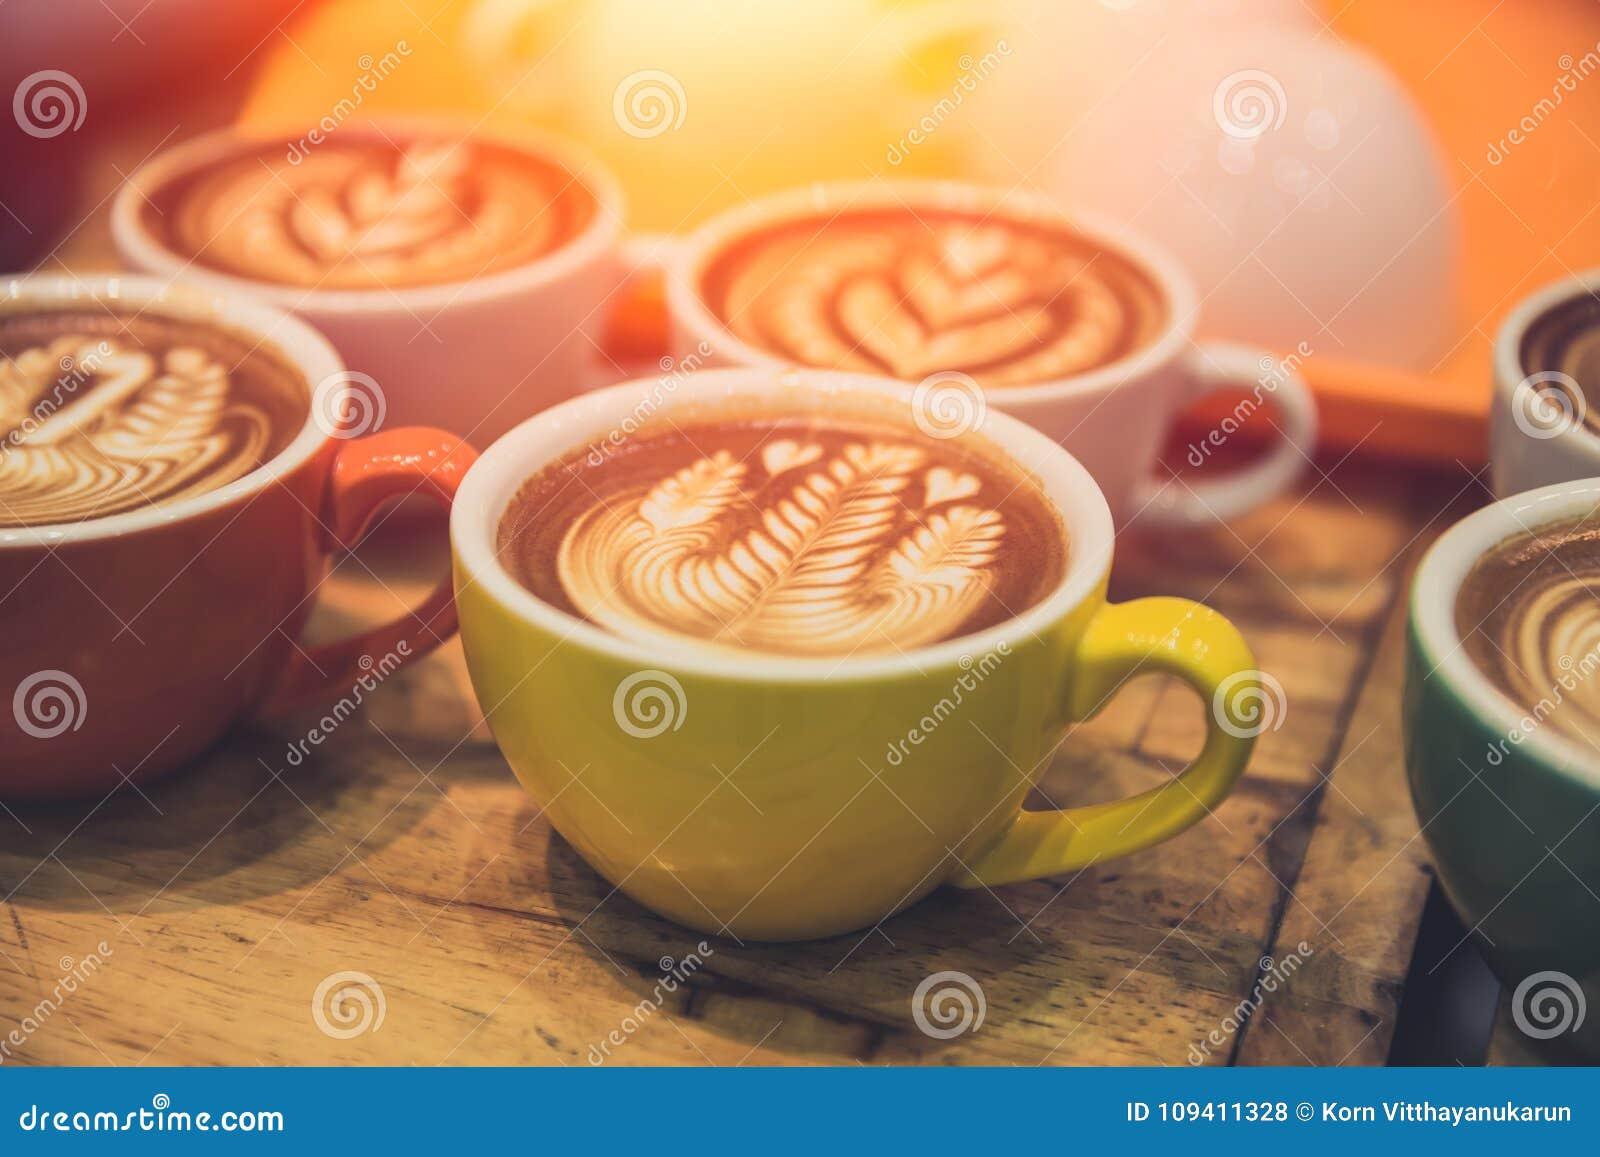 咖啡拿铁艺术普遍的热的饮料在木桌上服务